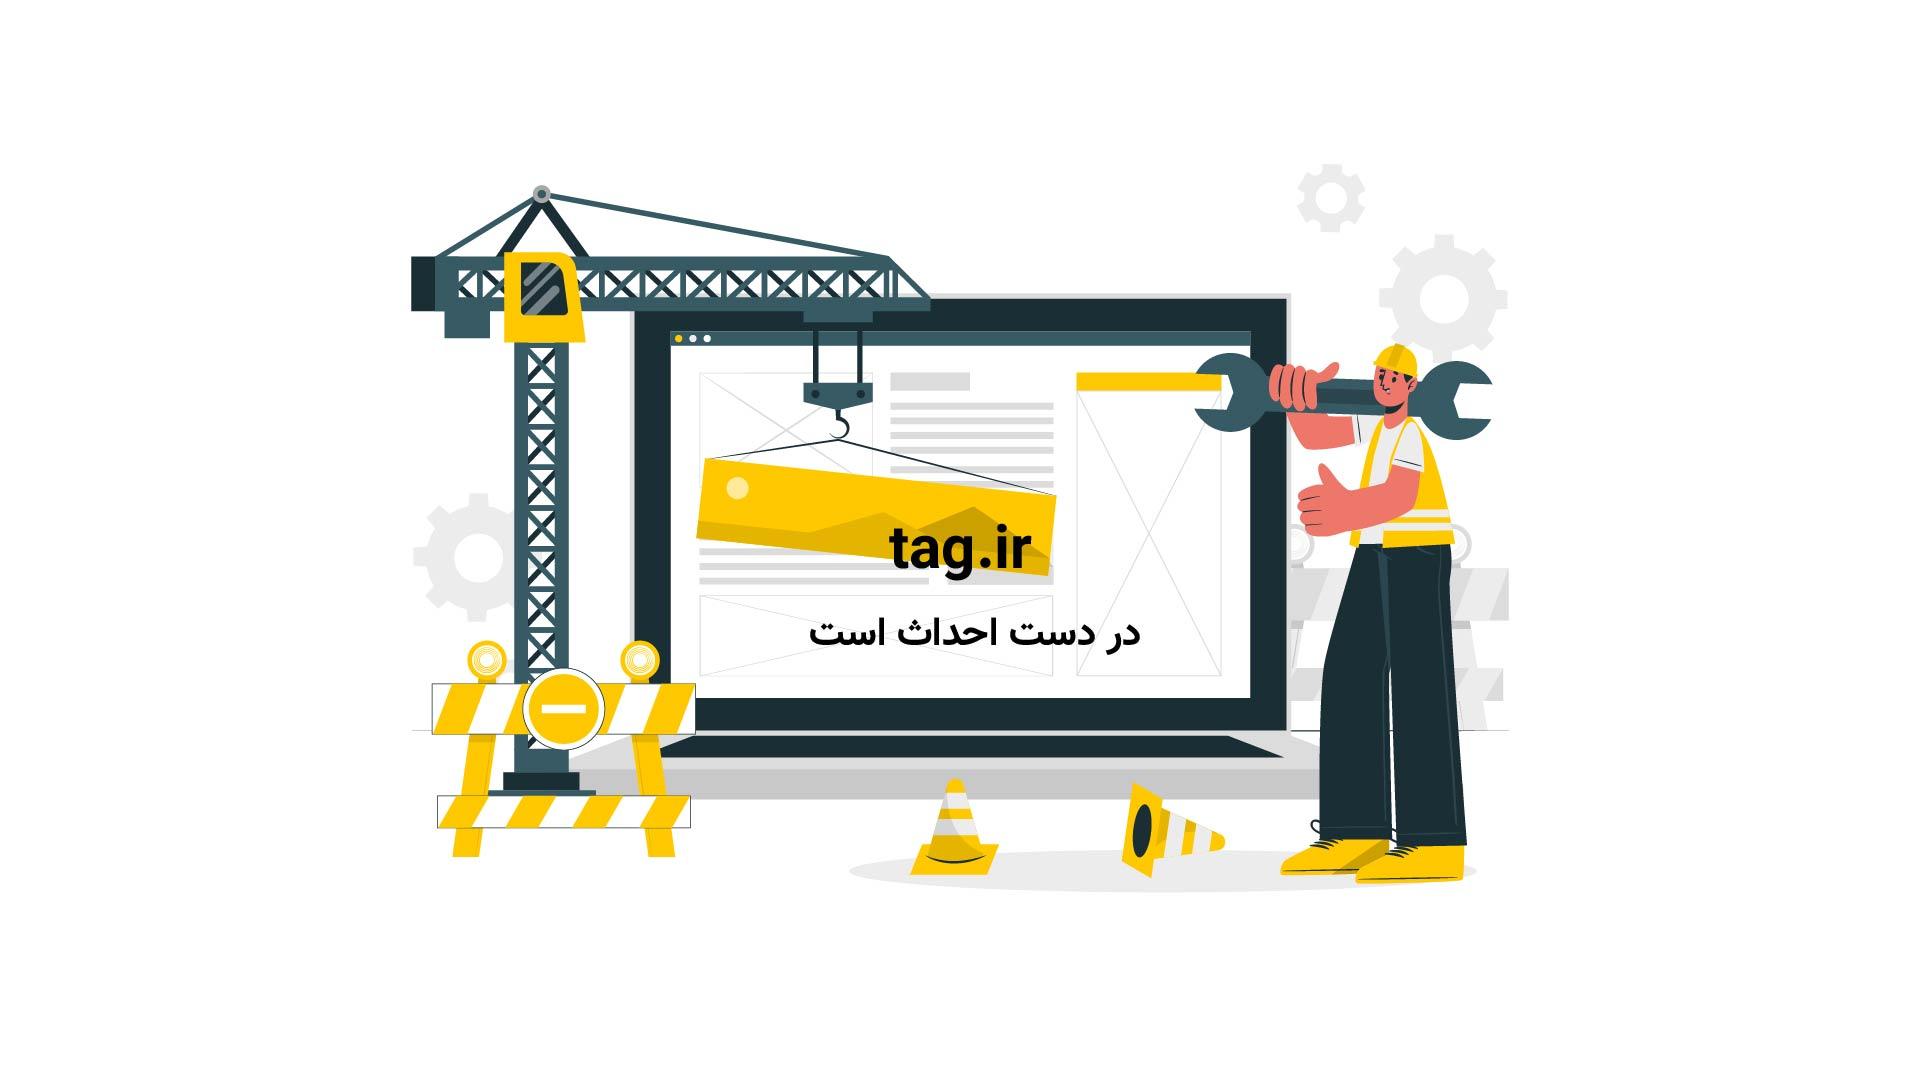 وضعیت آب و هوا | تگ